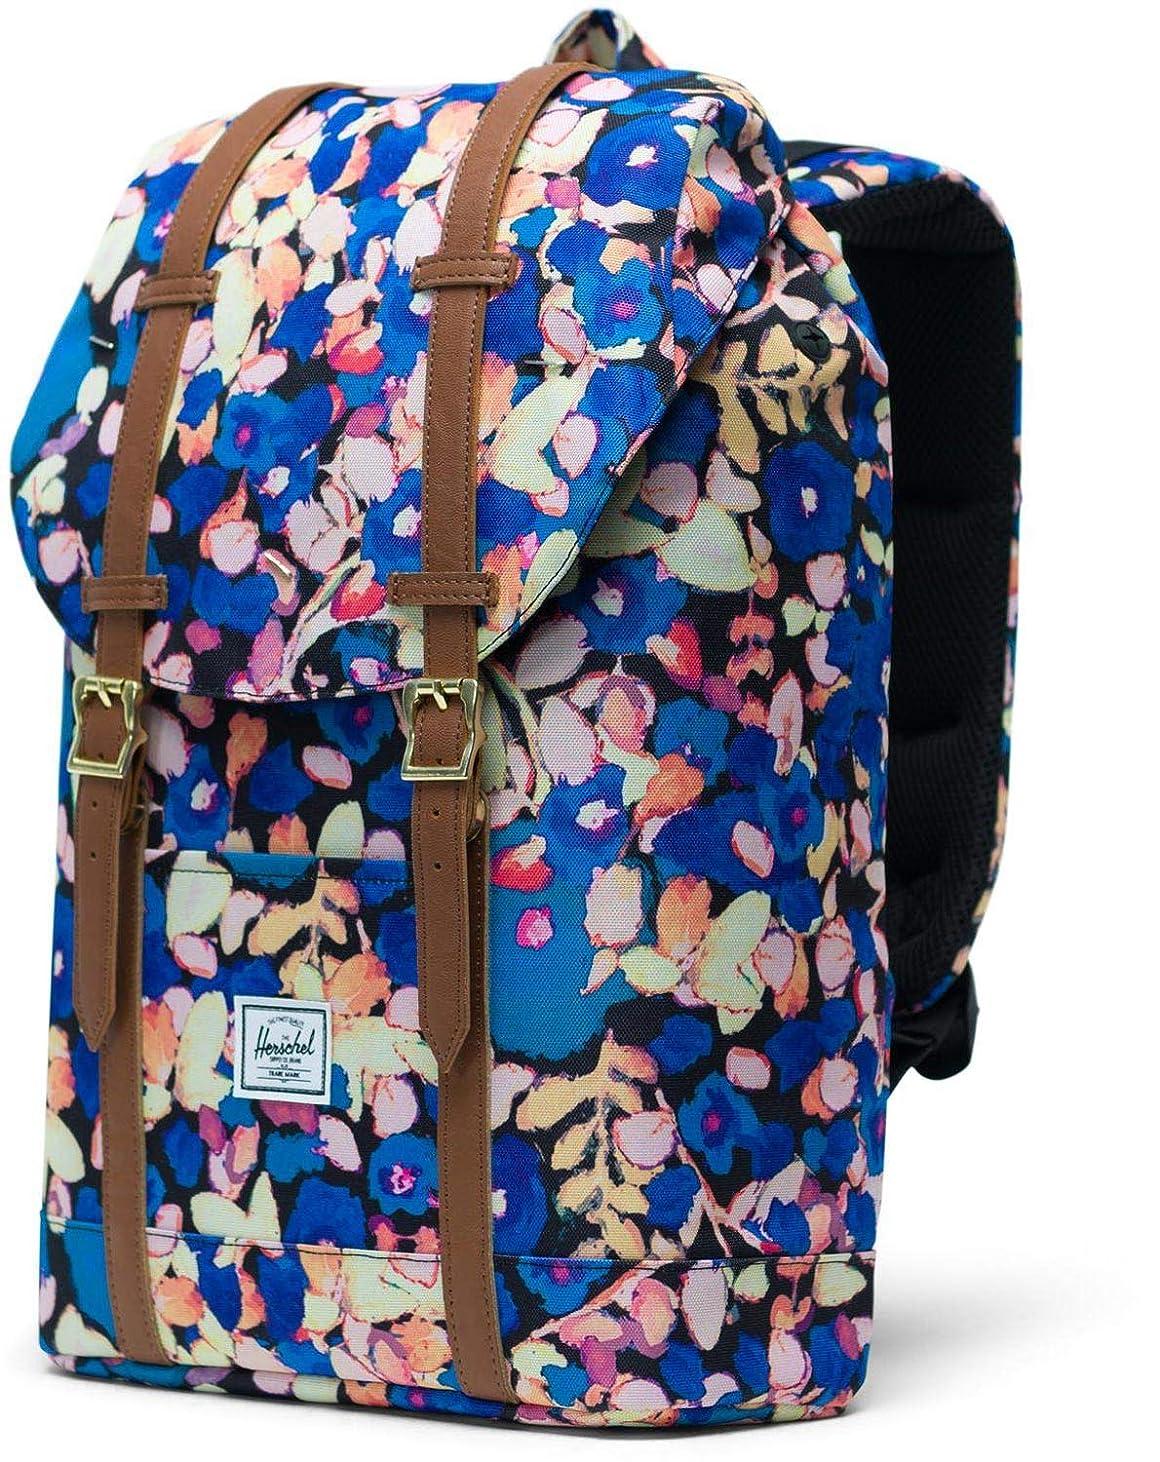 ピアノ処方する製造業Herschel Supply Co. バックパック, Painted Floral/Tan Synthetic Leather, One Size